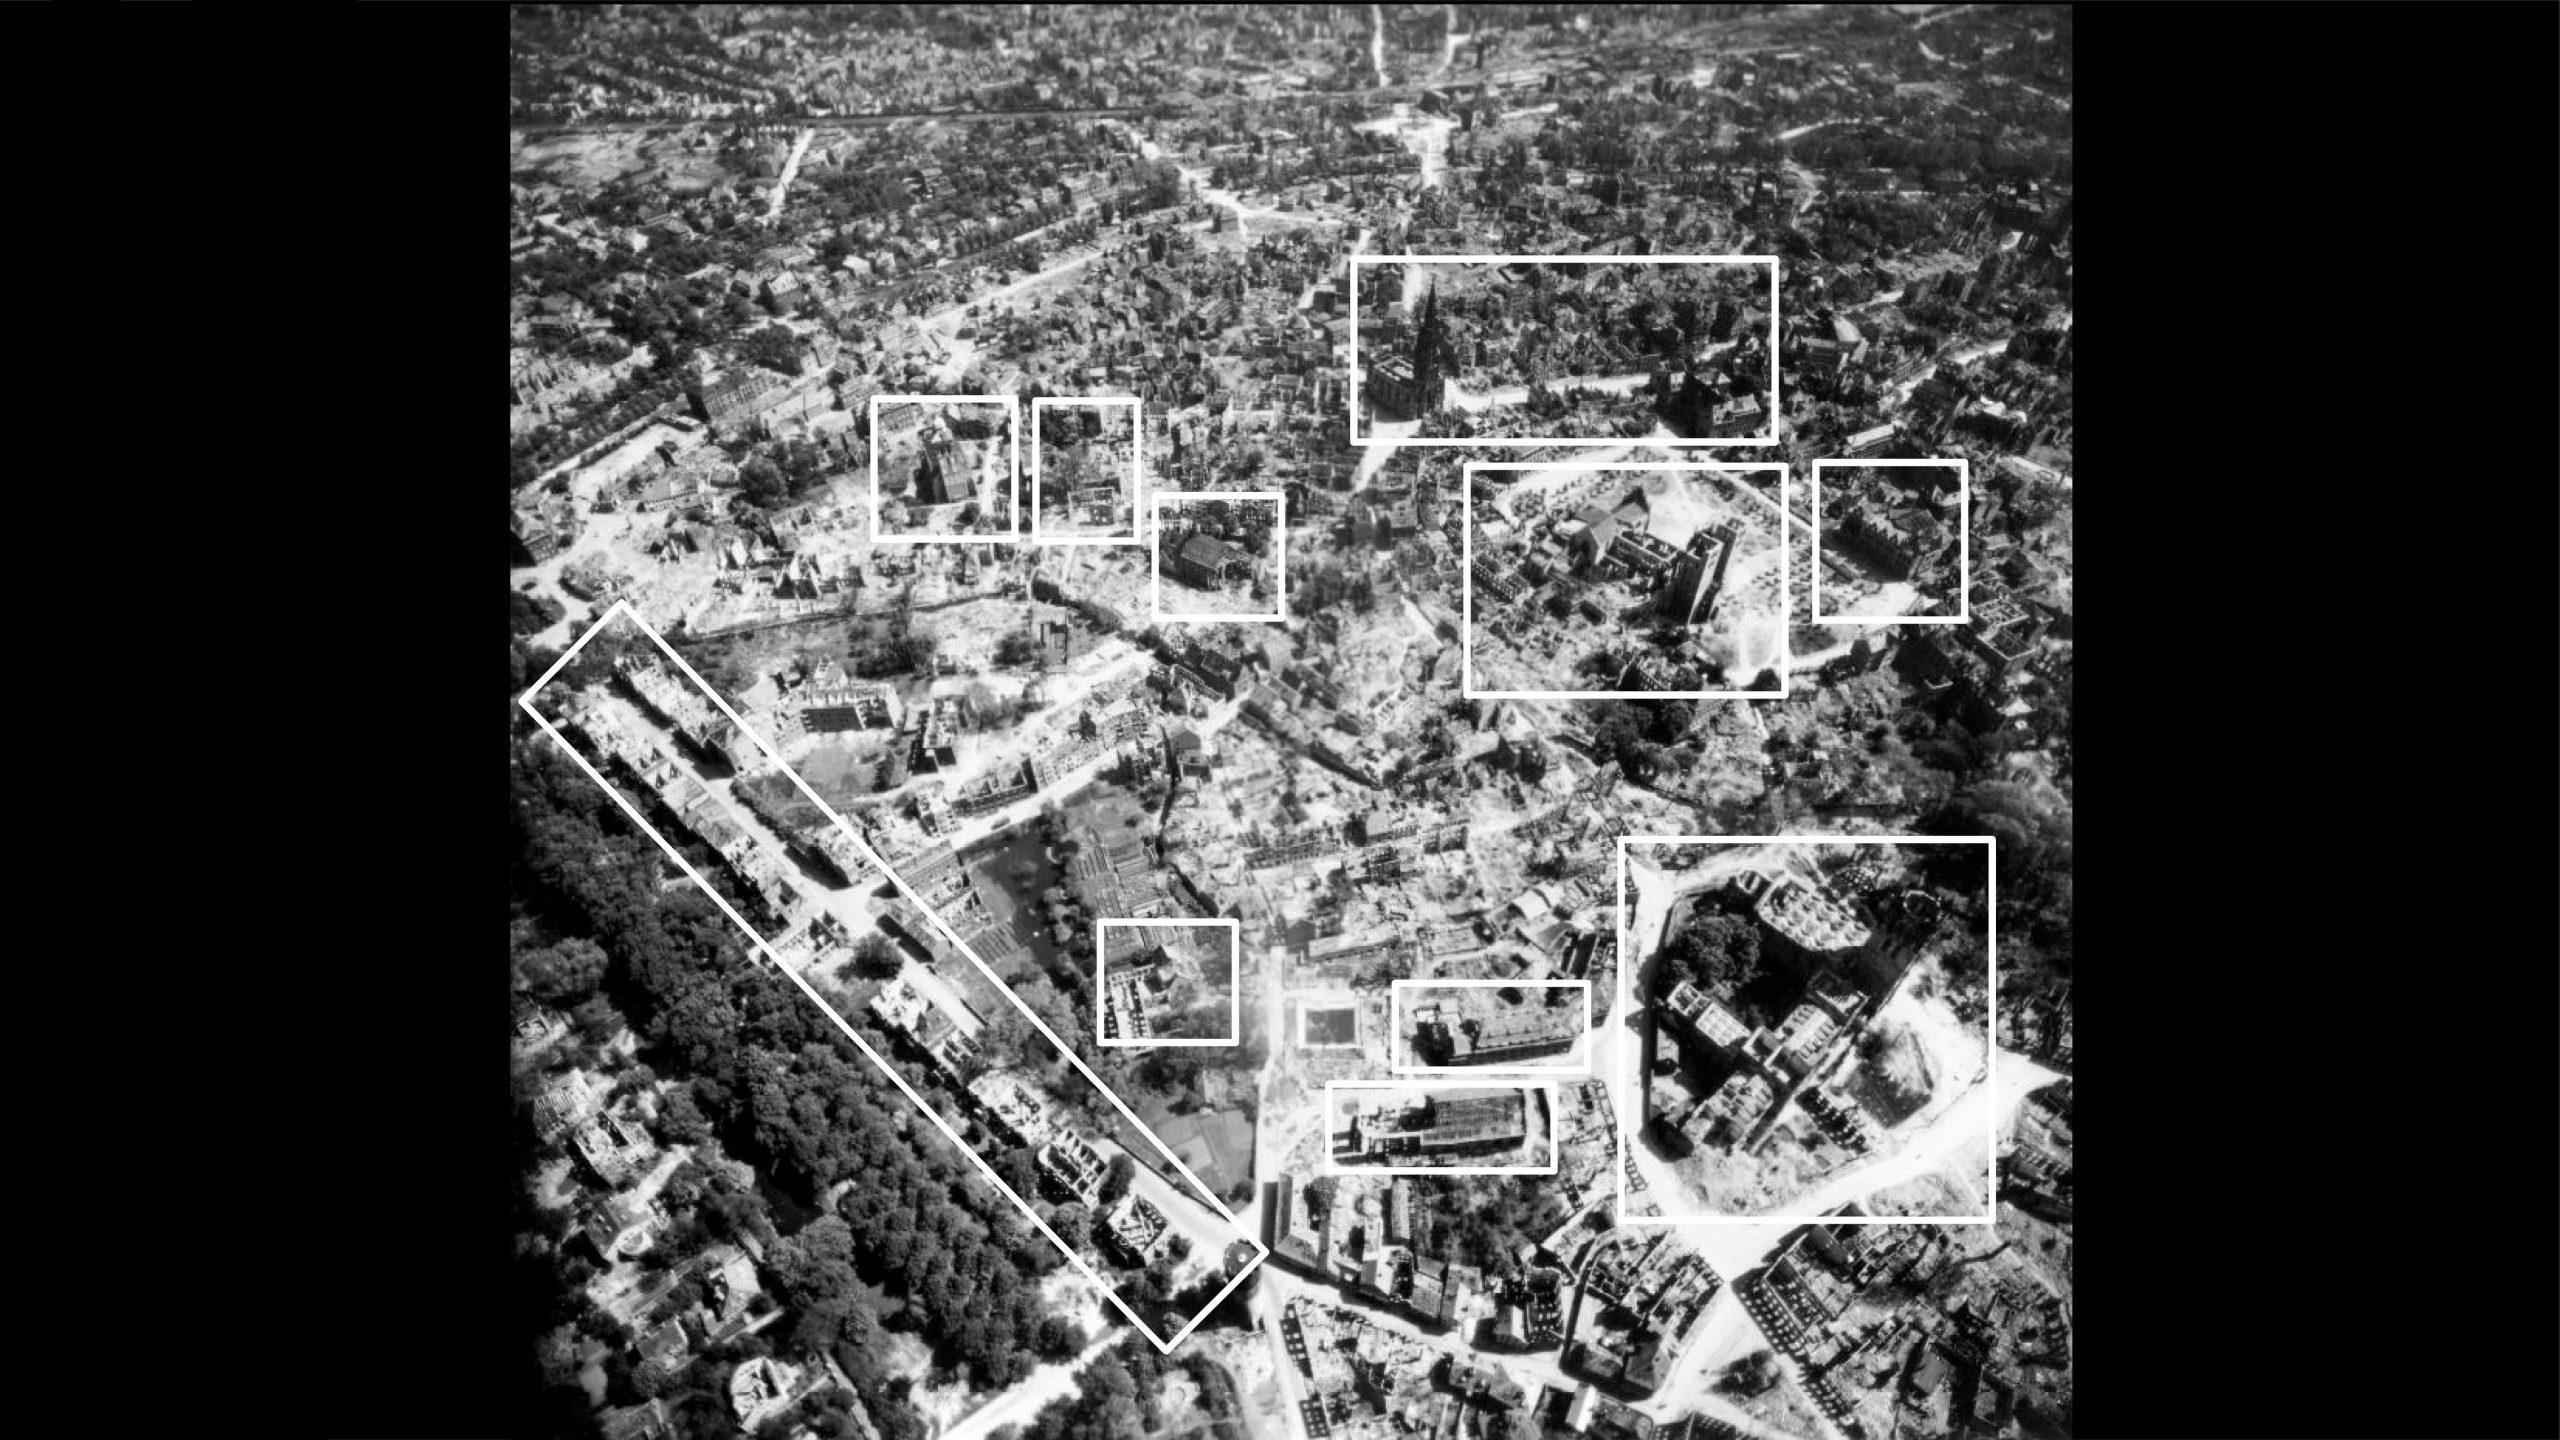 Stadtmuseum Münster: Ausstellung Münster 1945 - Das nördliche Stadtzentrum - Foto: Stadtmuseum Münster / Trolley Mission